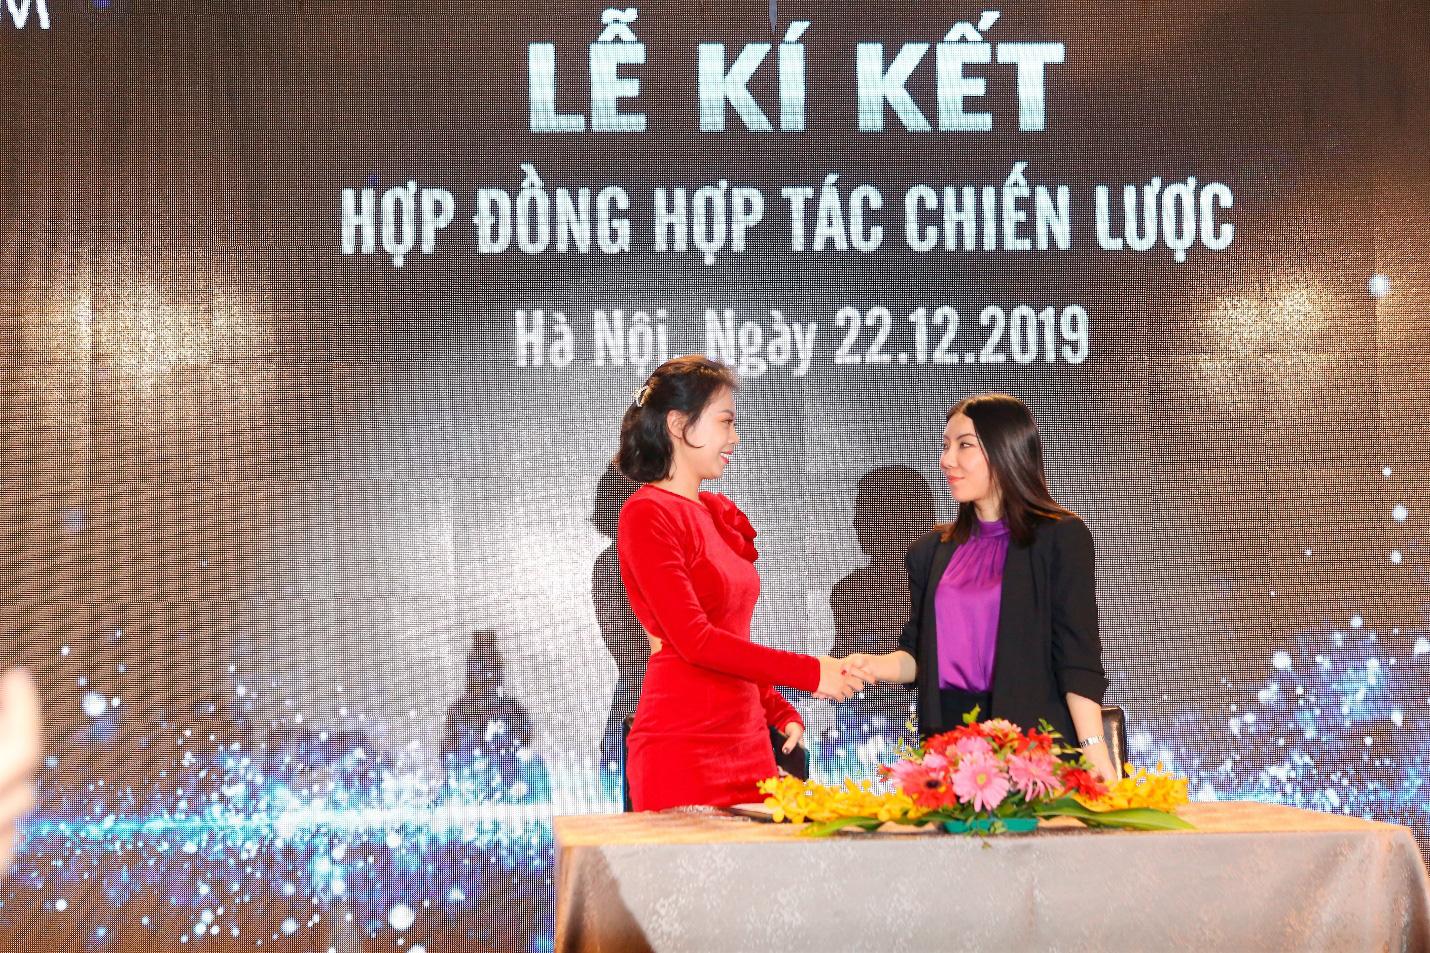 Thêm một thương hiệu mỹ phẩm Tây Ban Nha ra mắt tại Việt Nam - Có gì đặc biệt? - Ảnh 5.